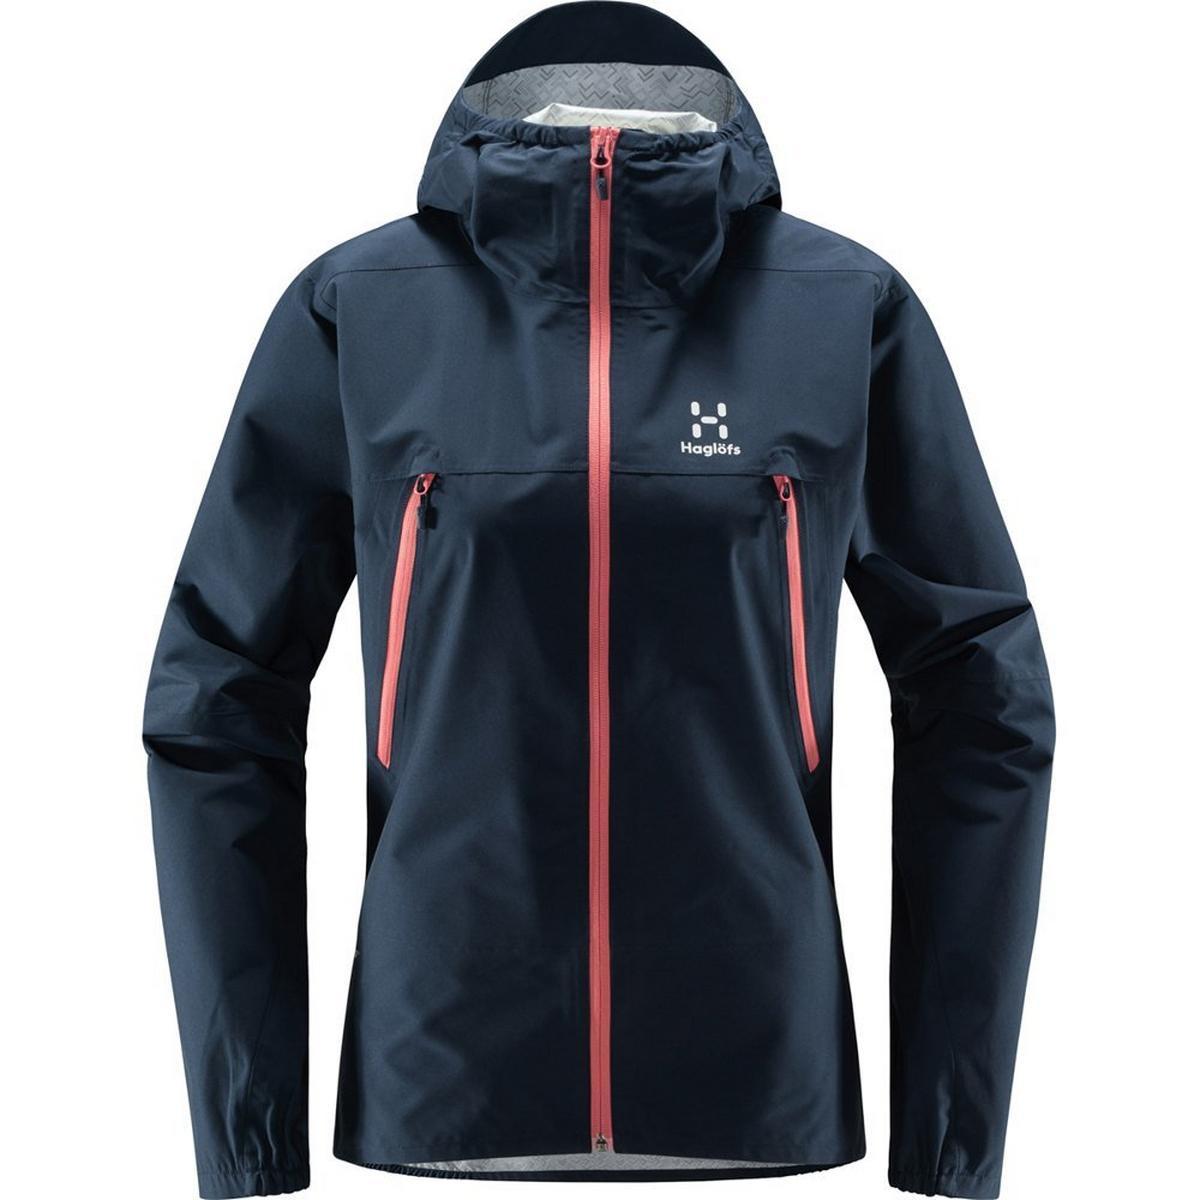 Haglofs Women's Spira Jacket